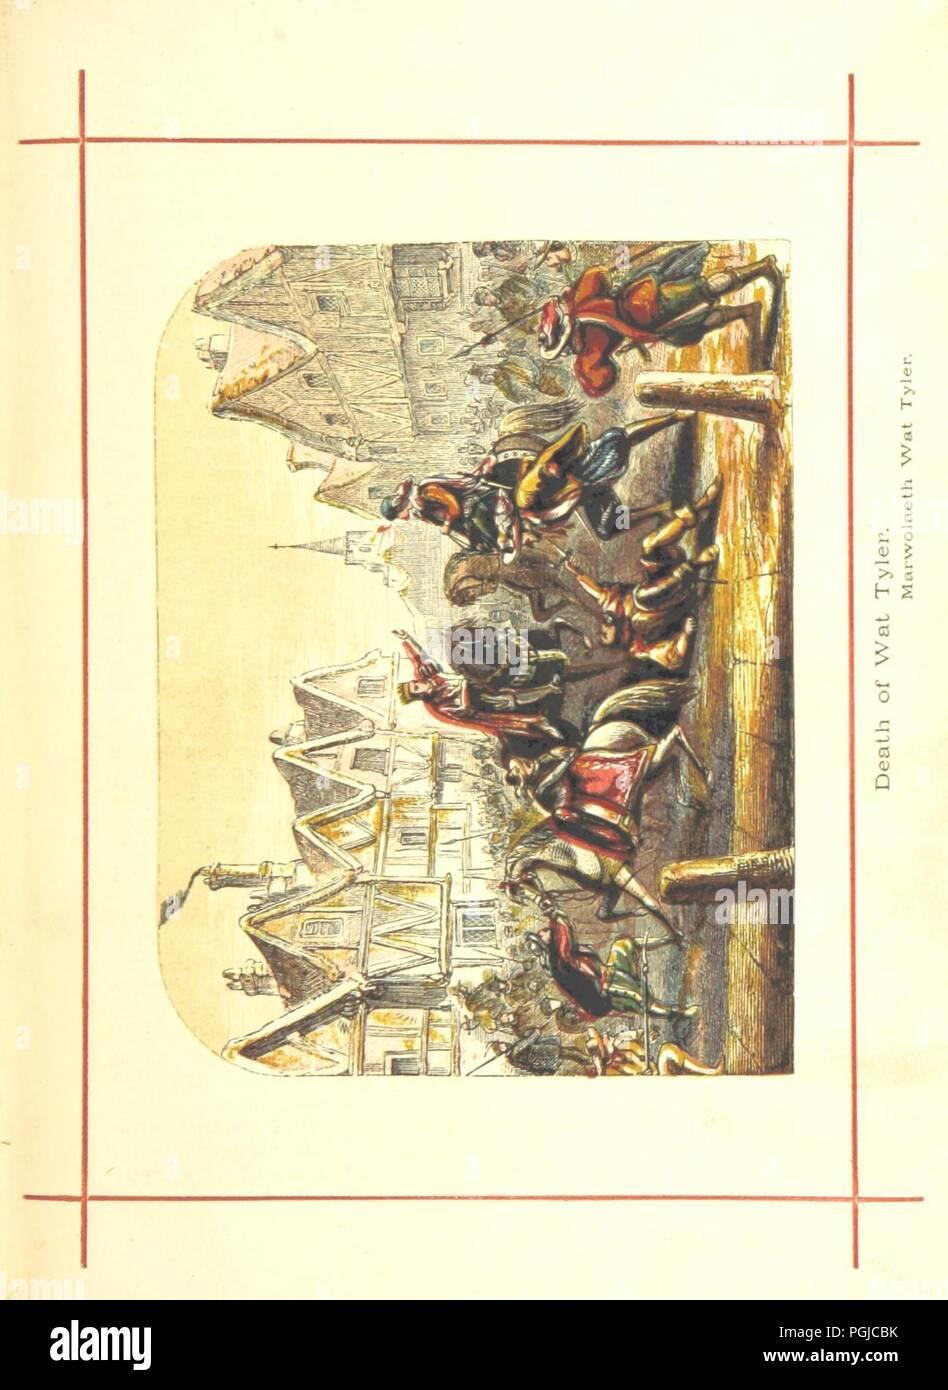 Image  from page 355 of 'Hanes Prydain Fawr o'r cyfnod boreuaf hyd yr amser presenol, etc. [With plates.]' . - Stock Image